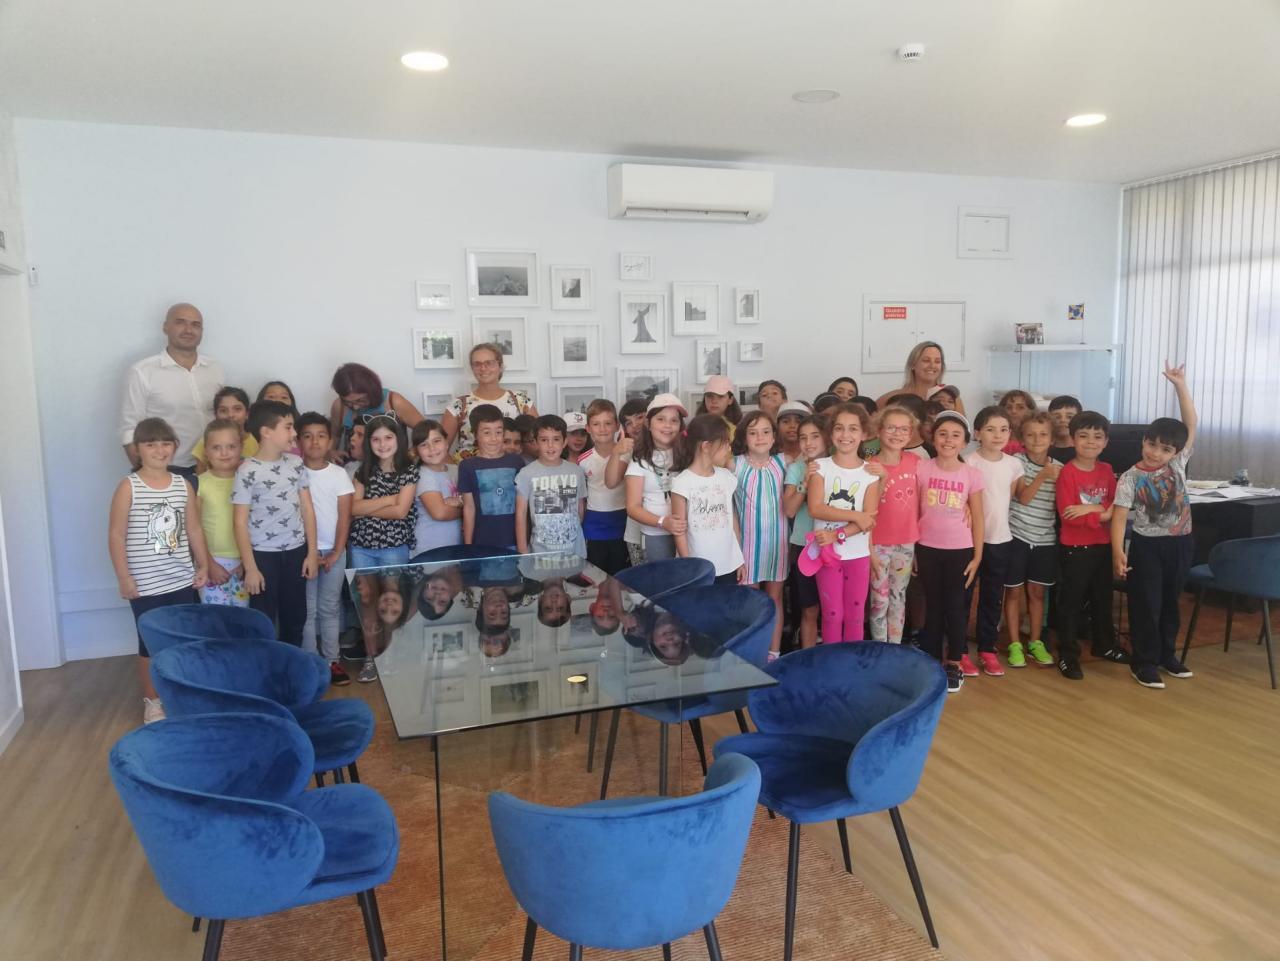 Visita à Junta de Freguesia das Turmas do 3.º Ano da EB 1/PE do Caniço